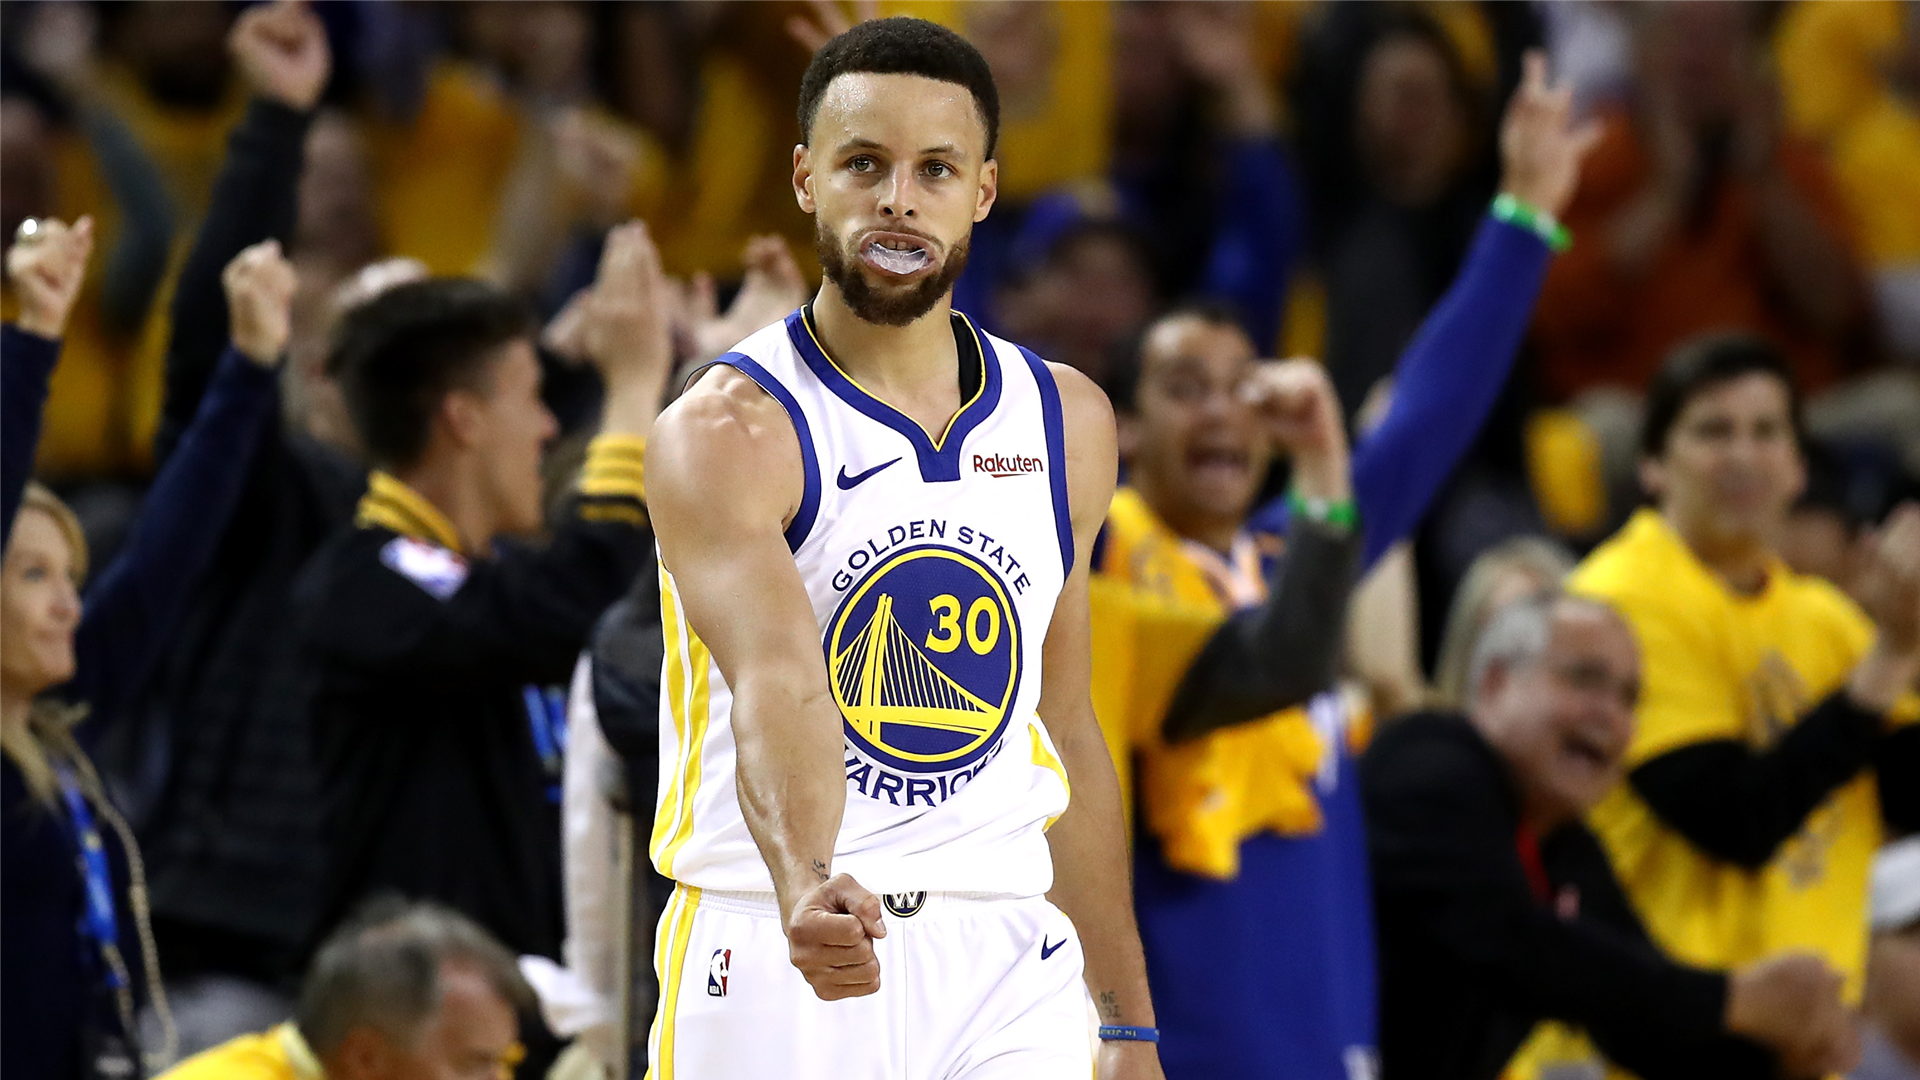 Nba Playoffs 2019 Golden State Warriors Vs Portland